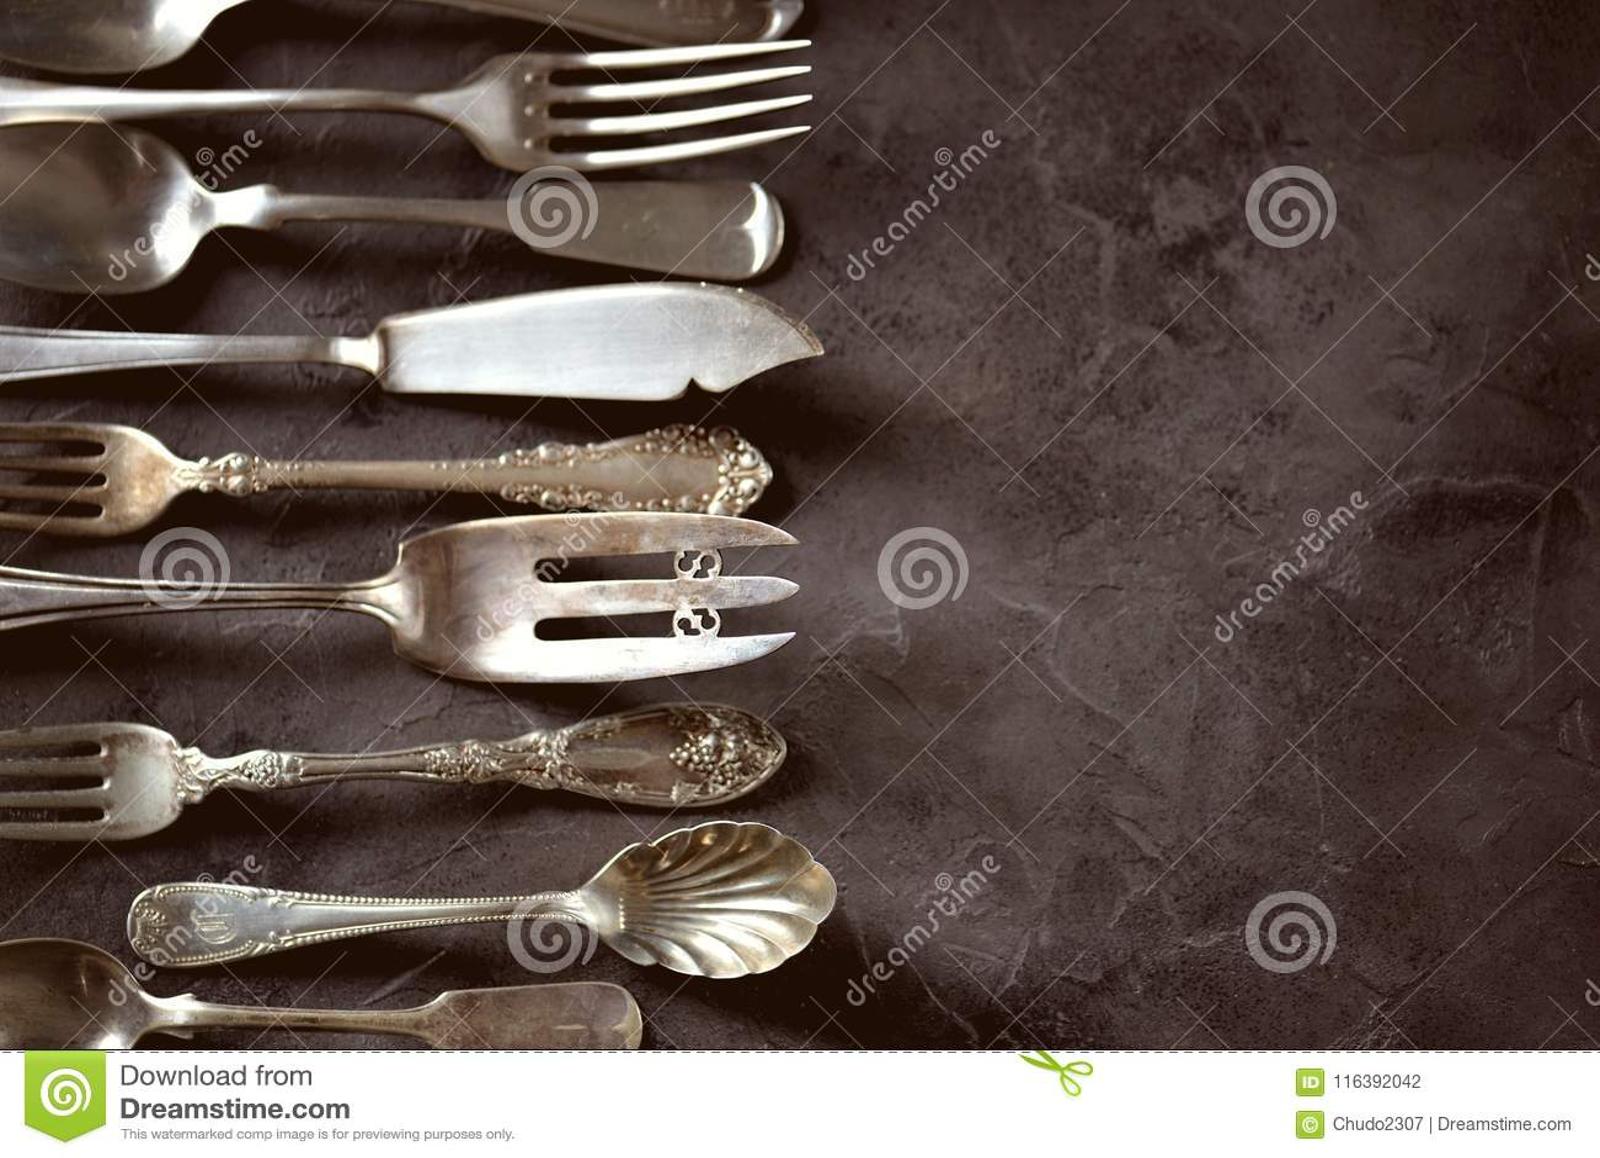 Cutelaria antiga do vintage - forquilhas, colheres, facas e outro em um fundo preto